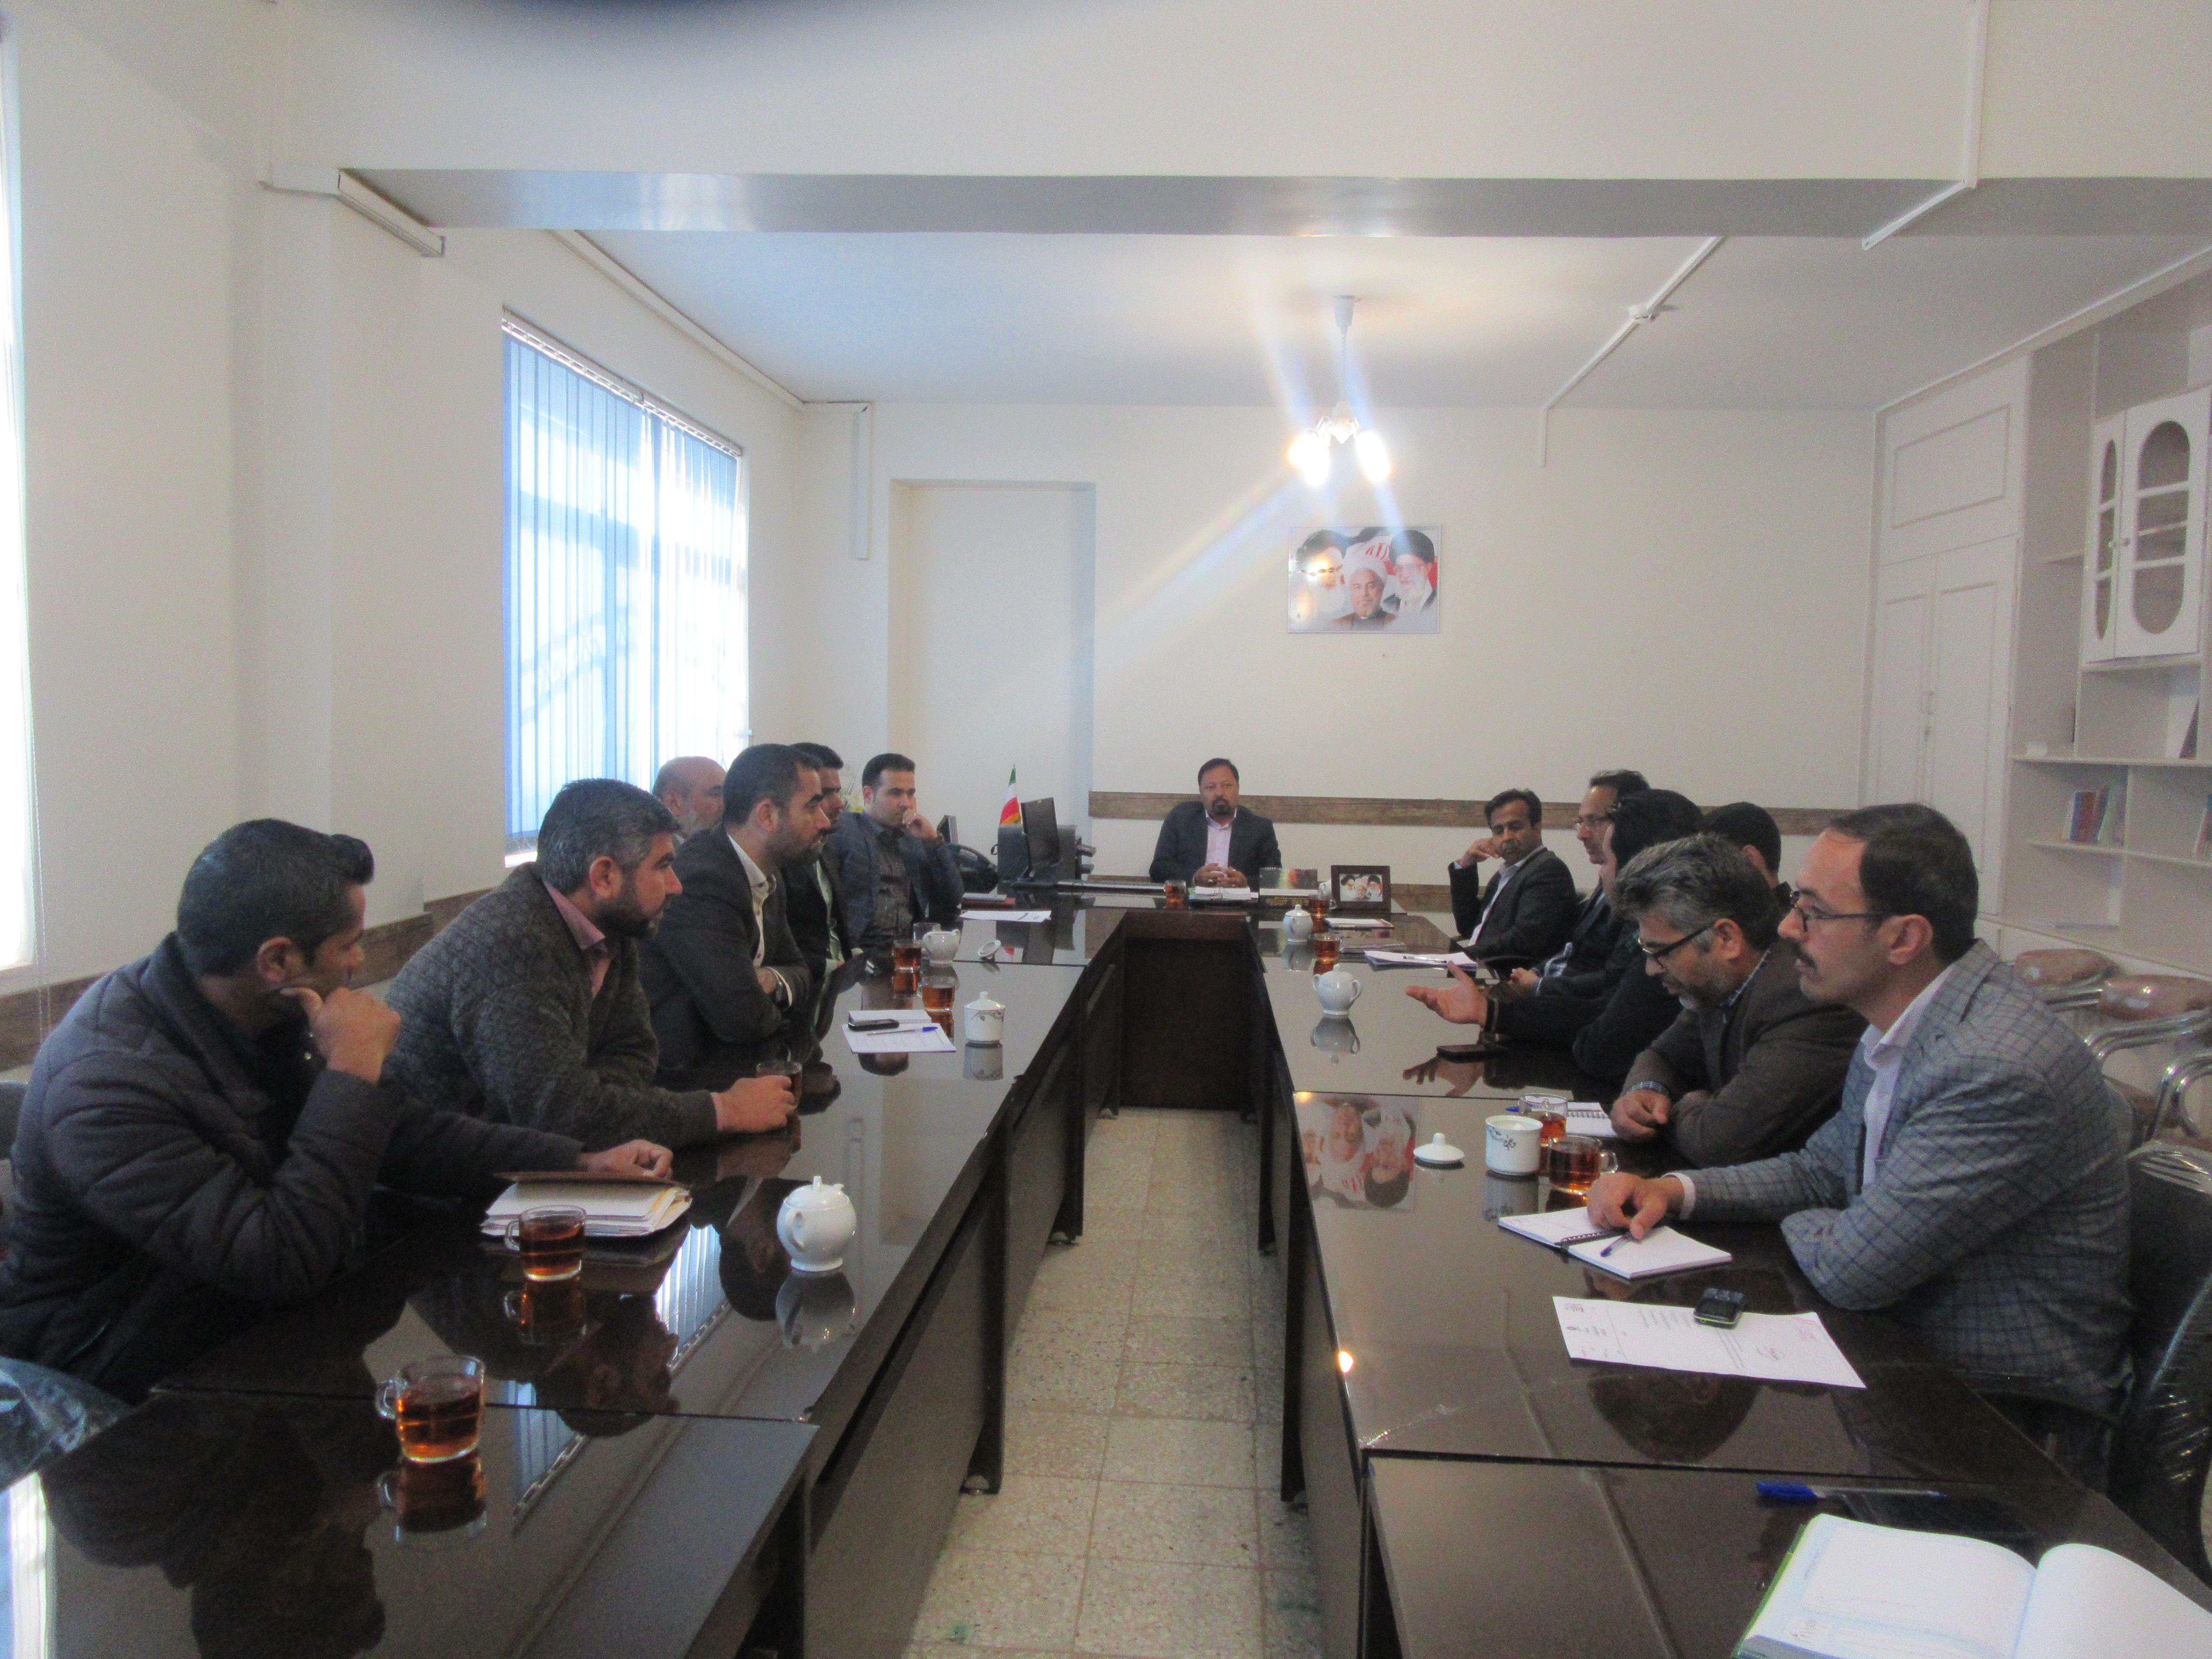 ششمین جلسه ستاد هماهنگی مثلت توسعه اقتصادی شهرستان خواف برگزار شد